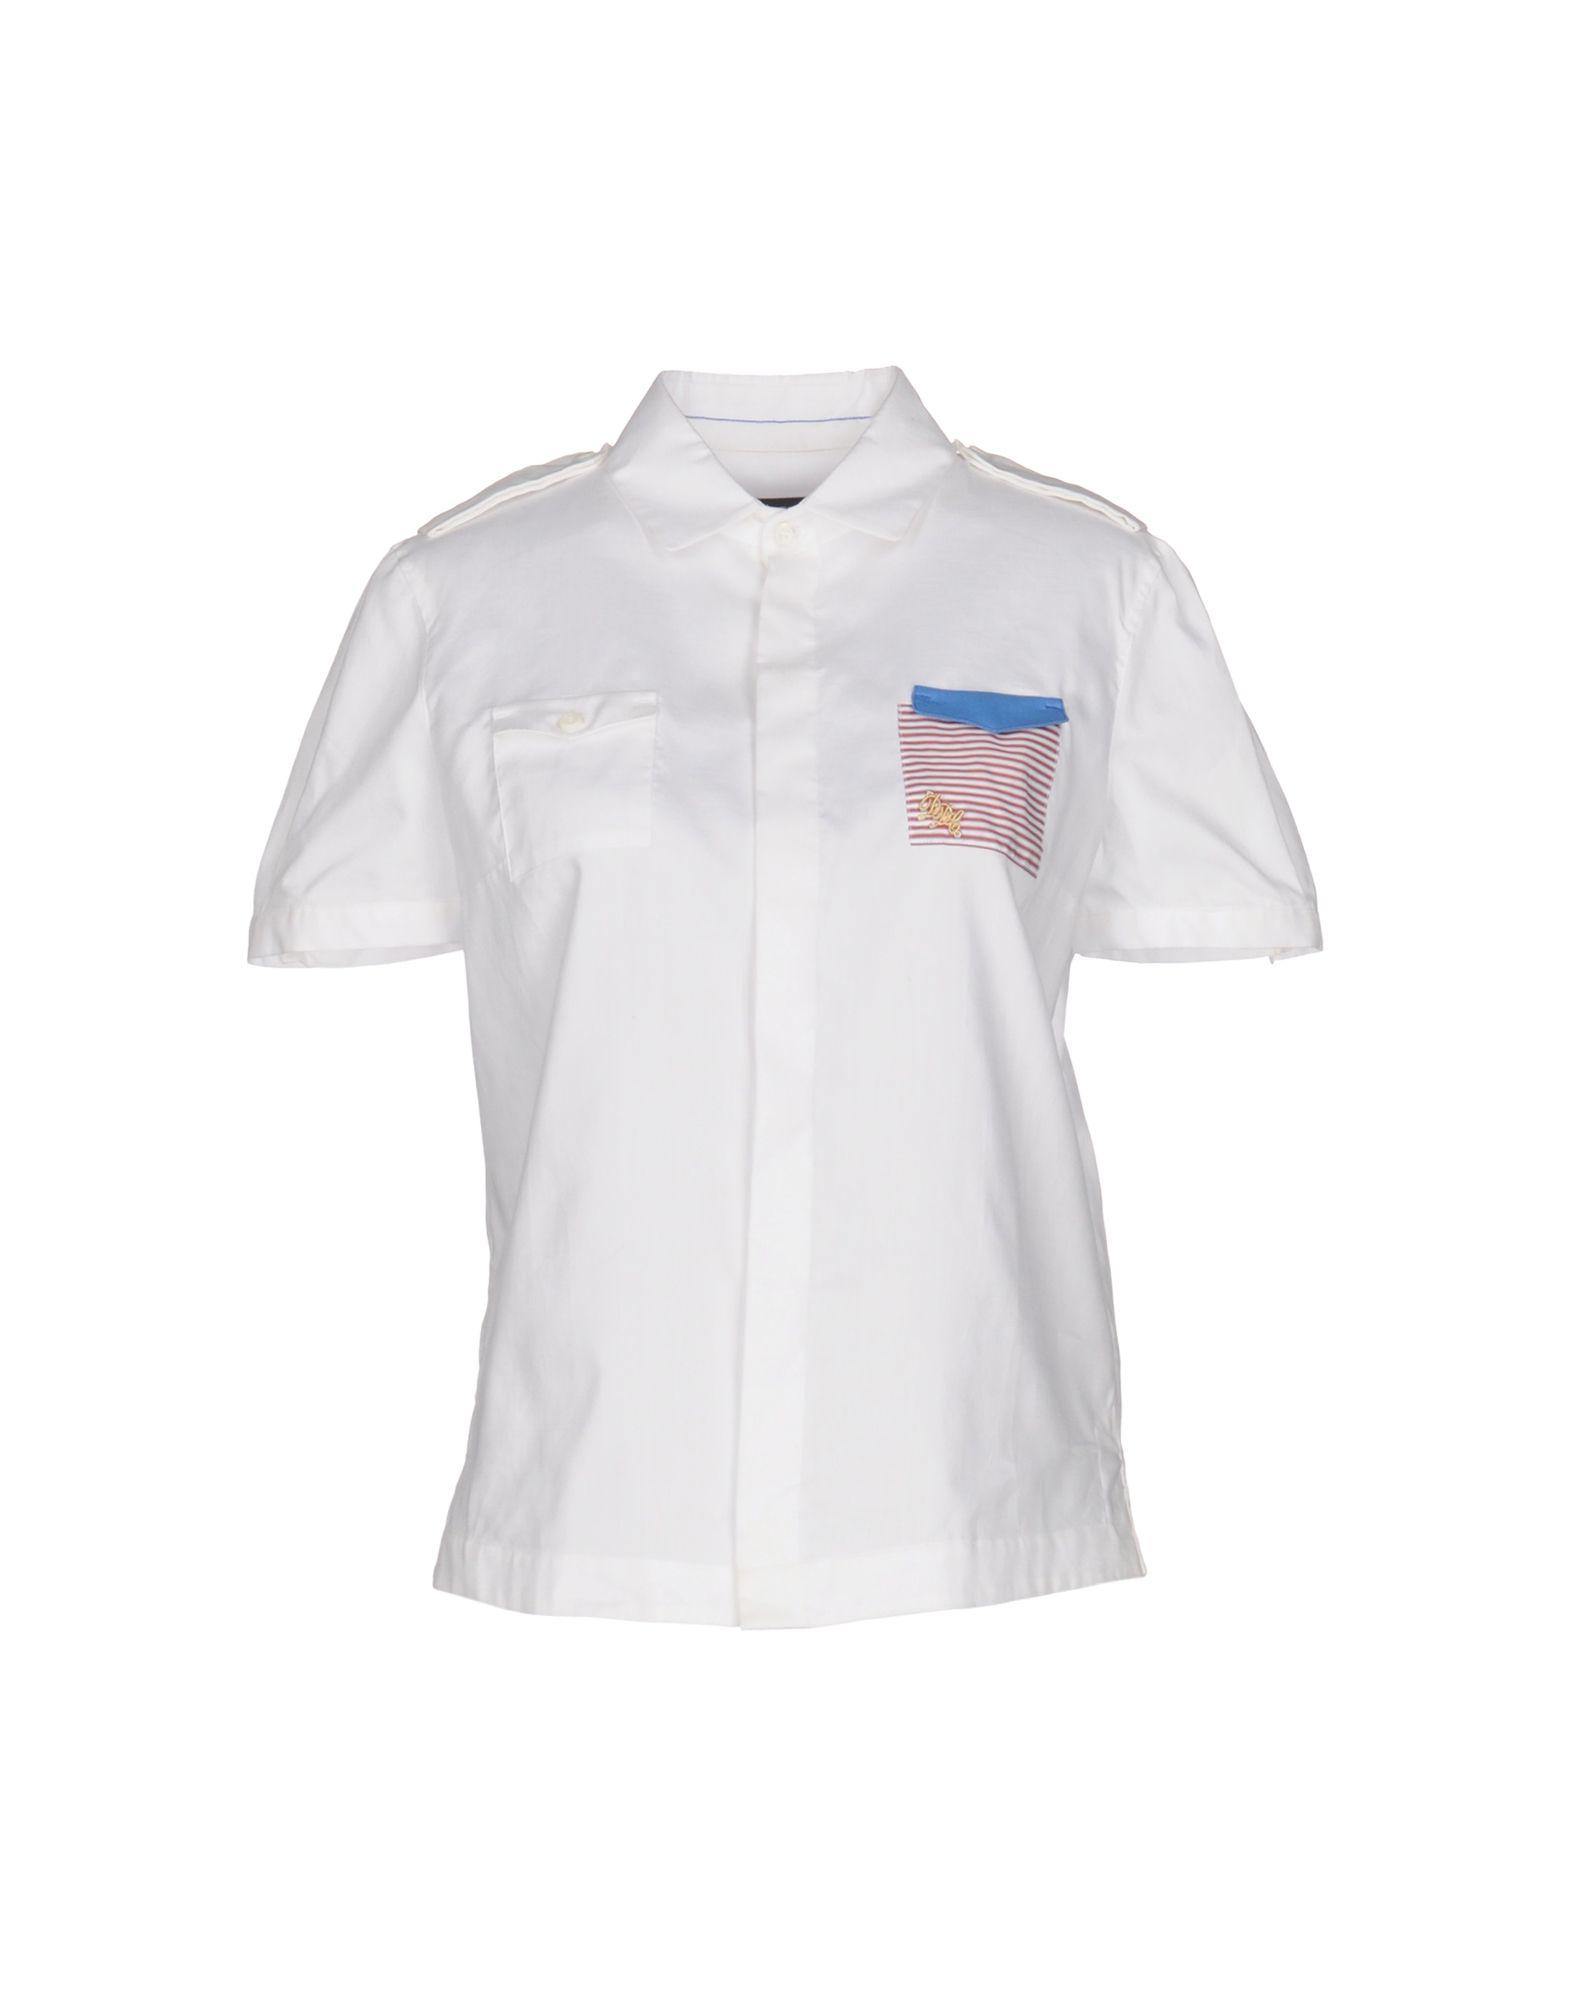 DSQUARED2 Damen Hemd Farbe Weiß Größe 4